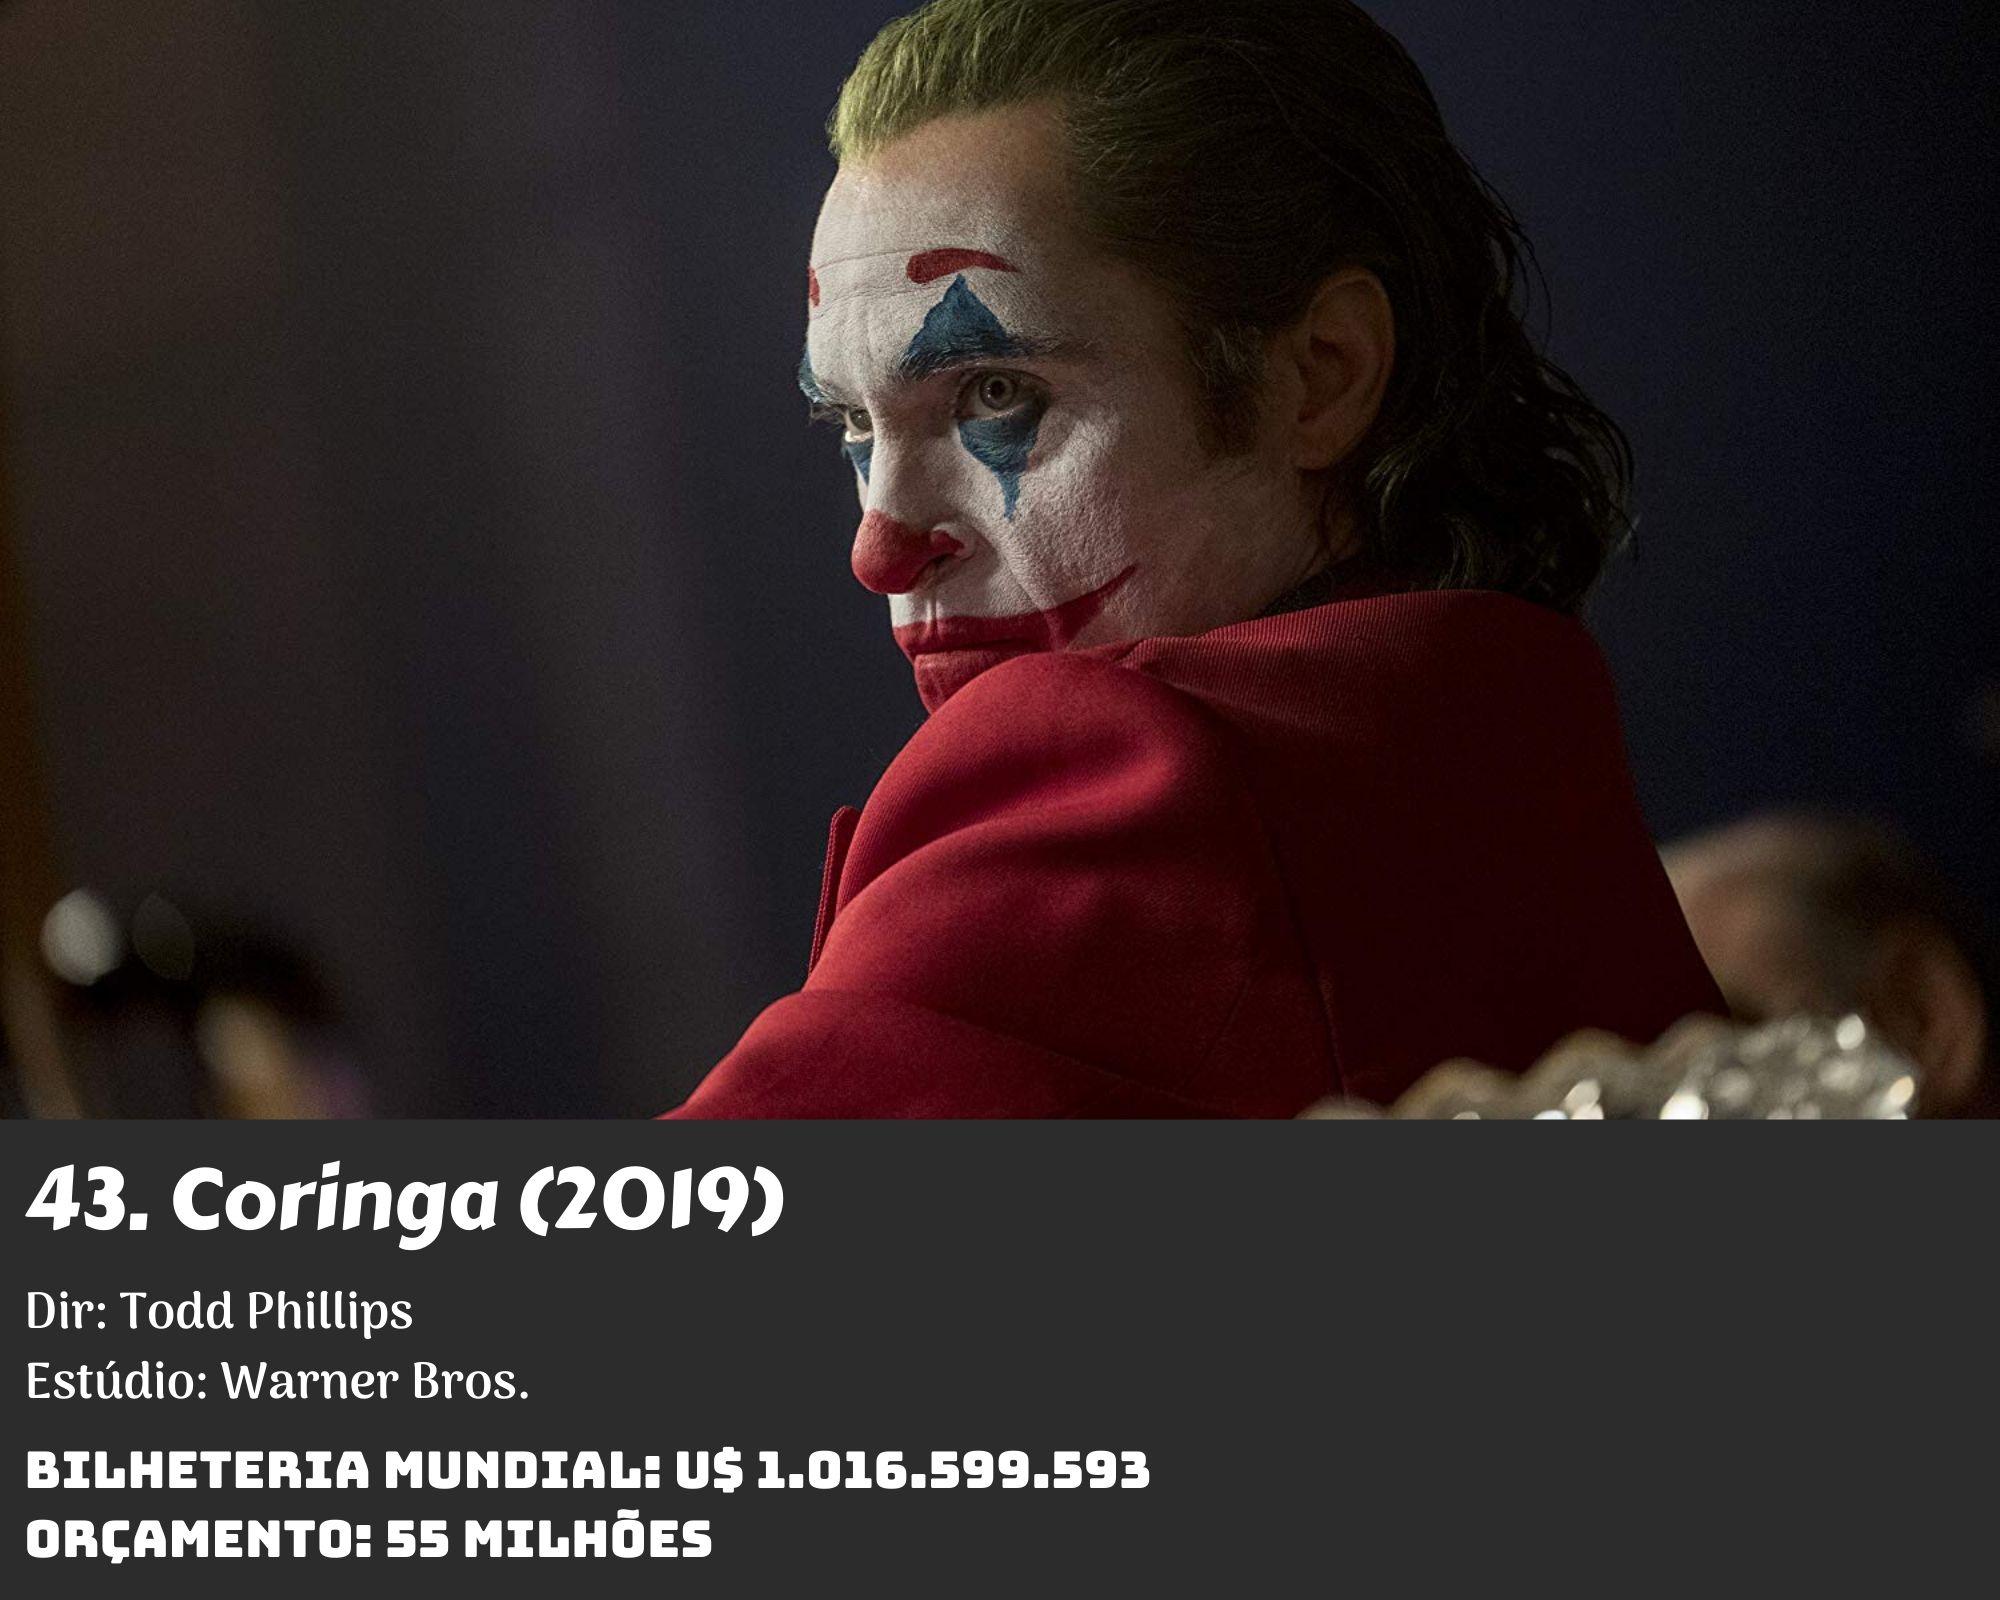 43. Joker